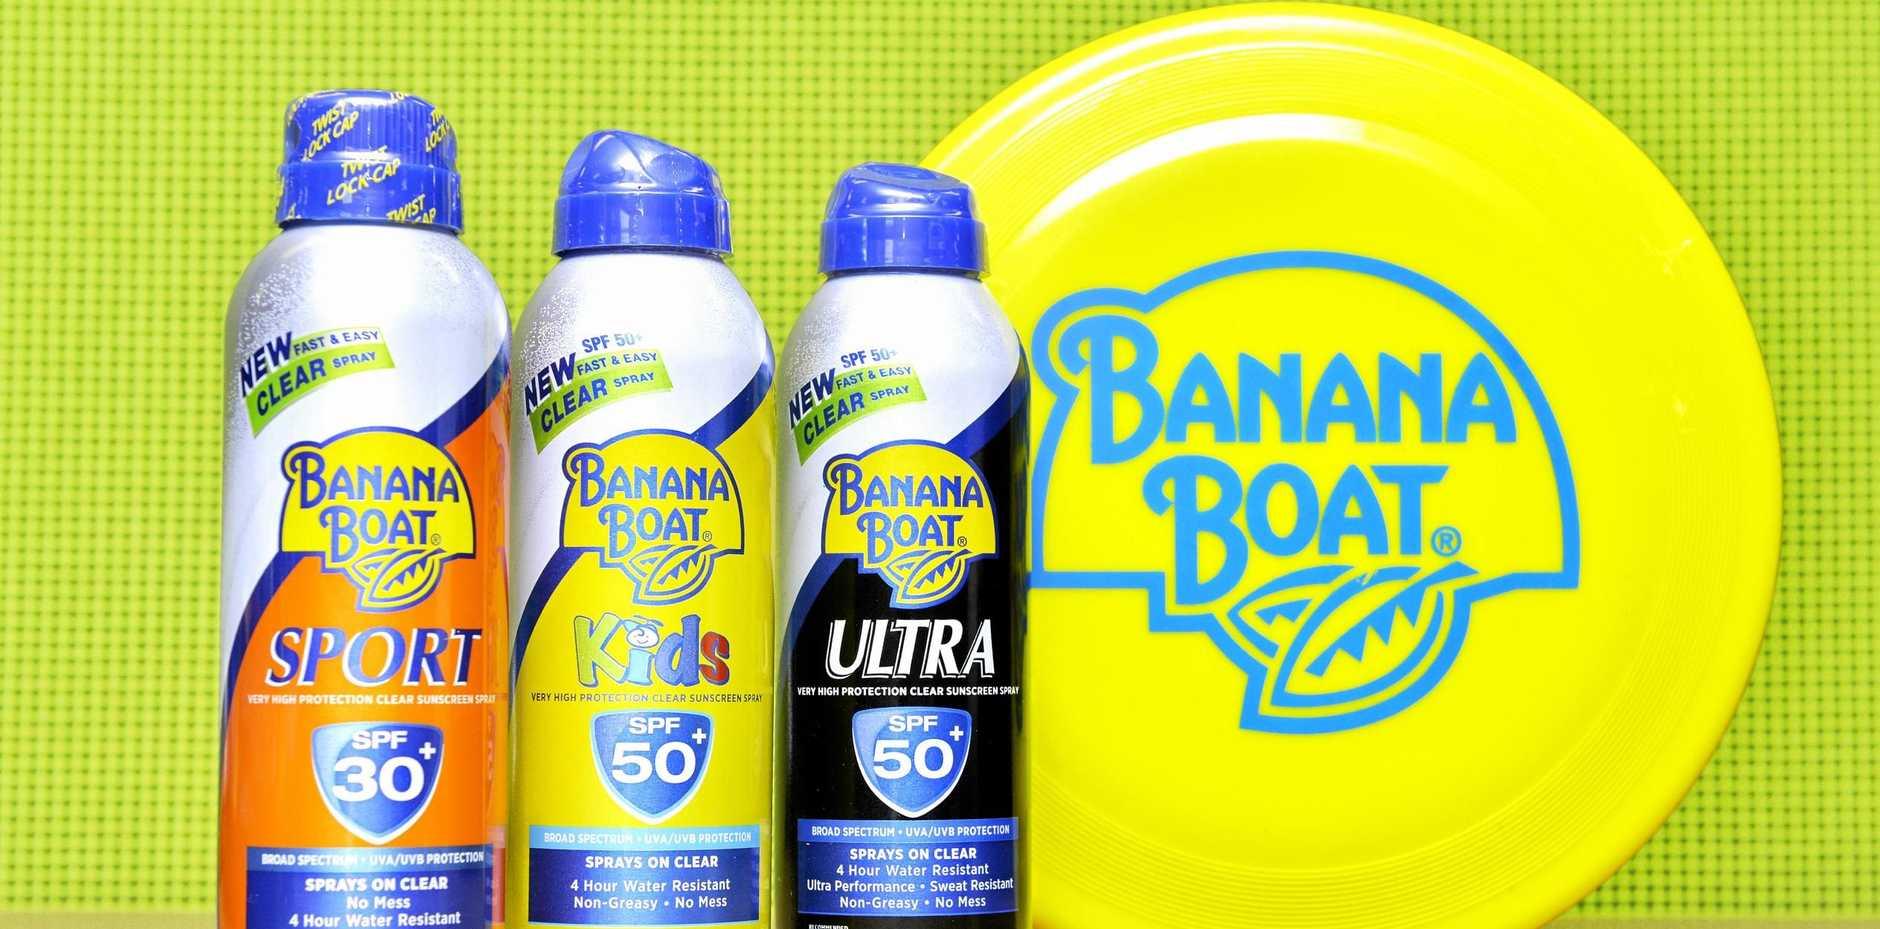 Banana Boat sunscreen.